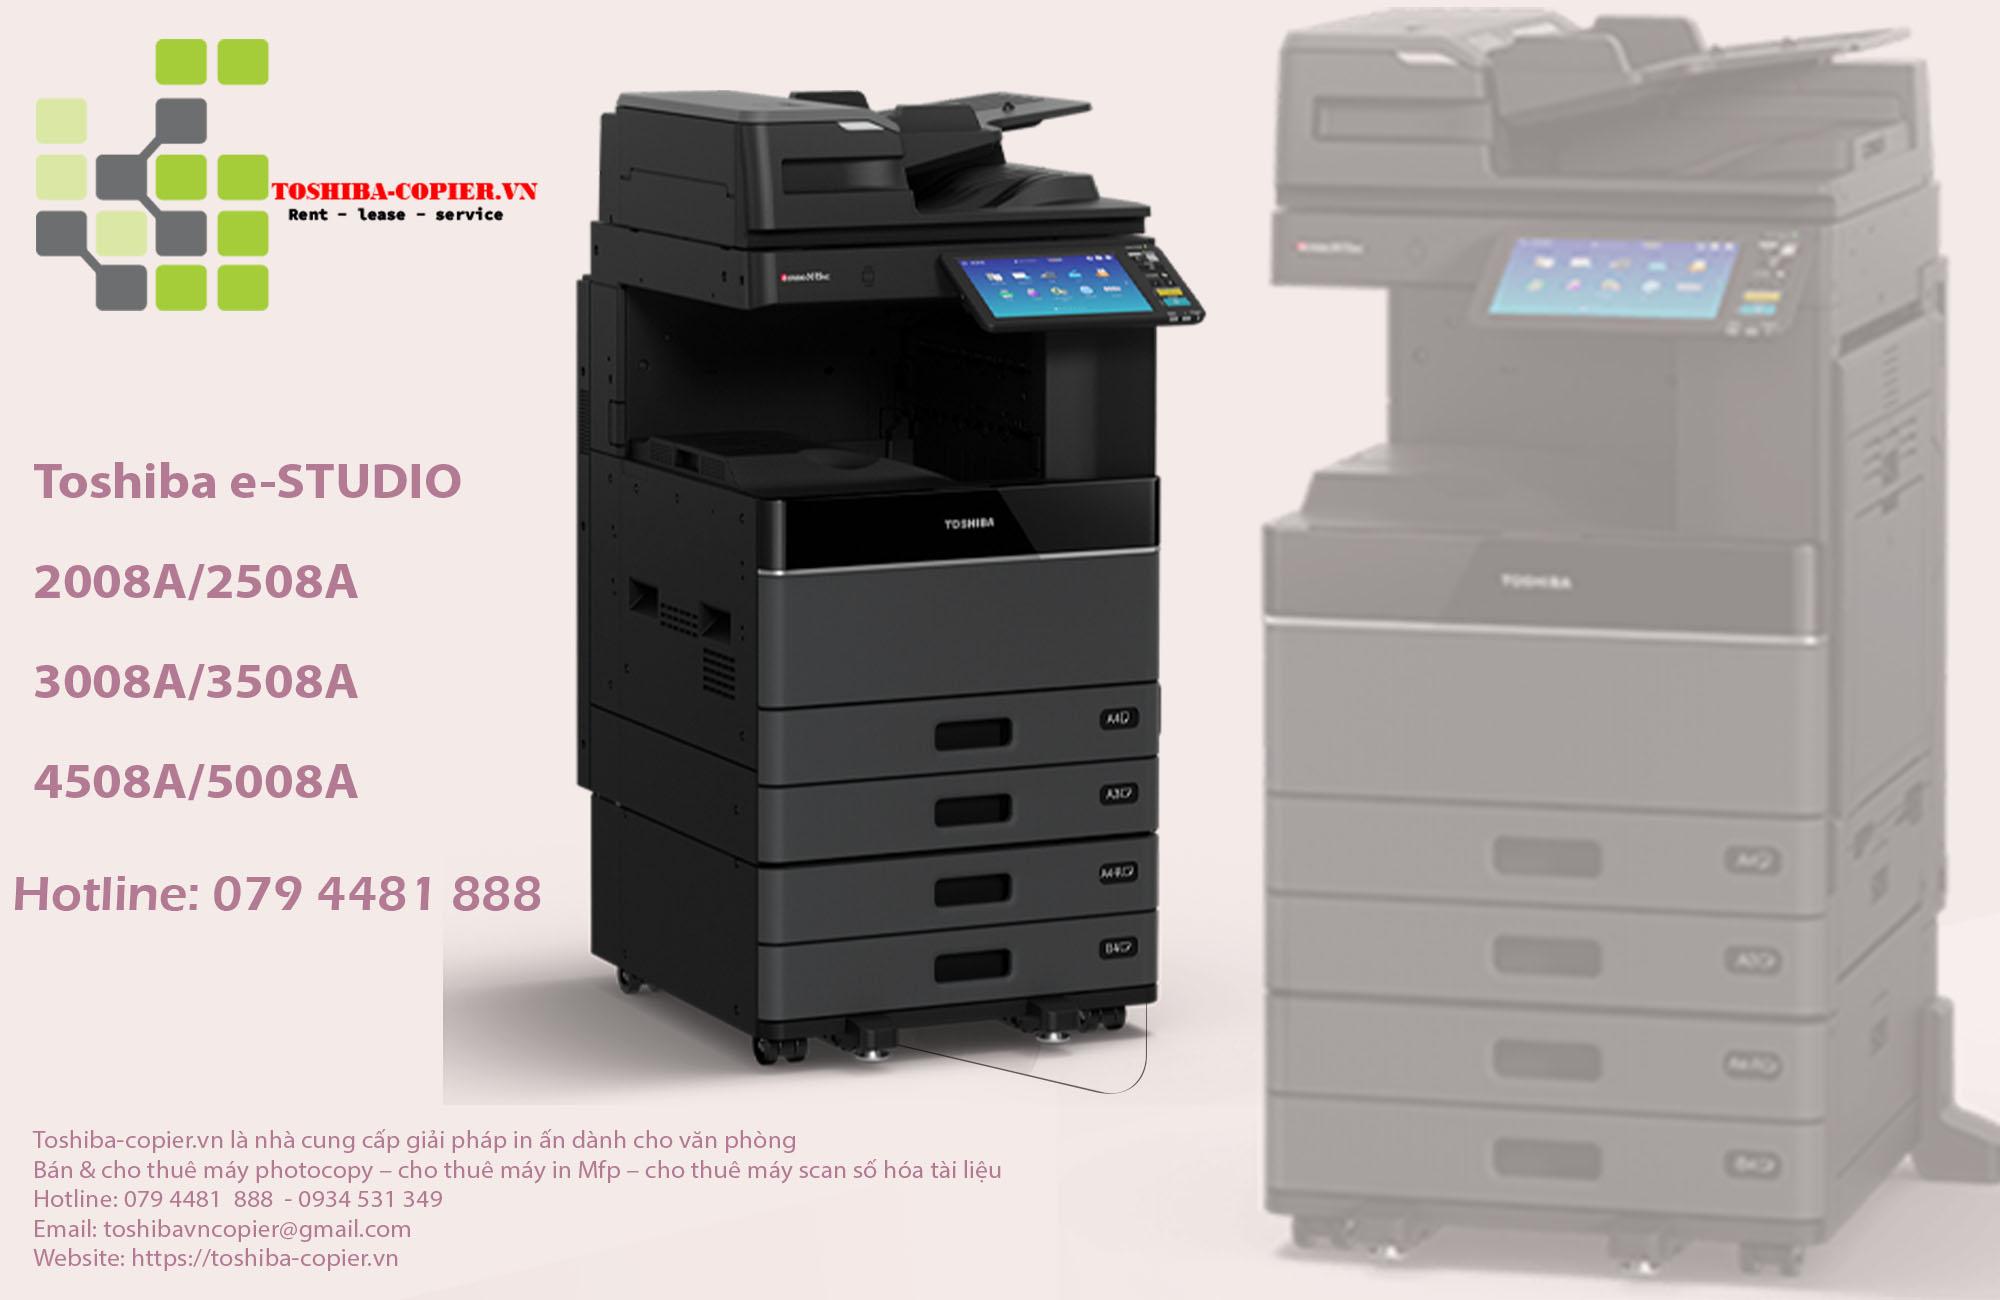 Bán Máy photocopy Toshiba e-STUDIO 2008A